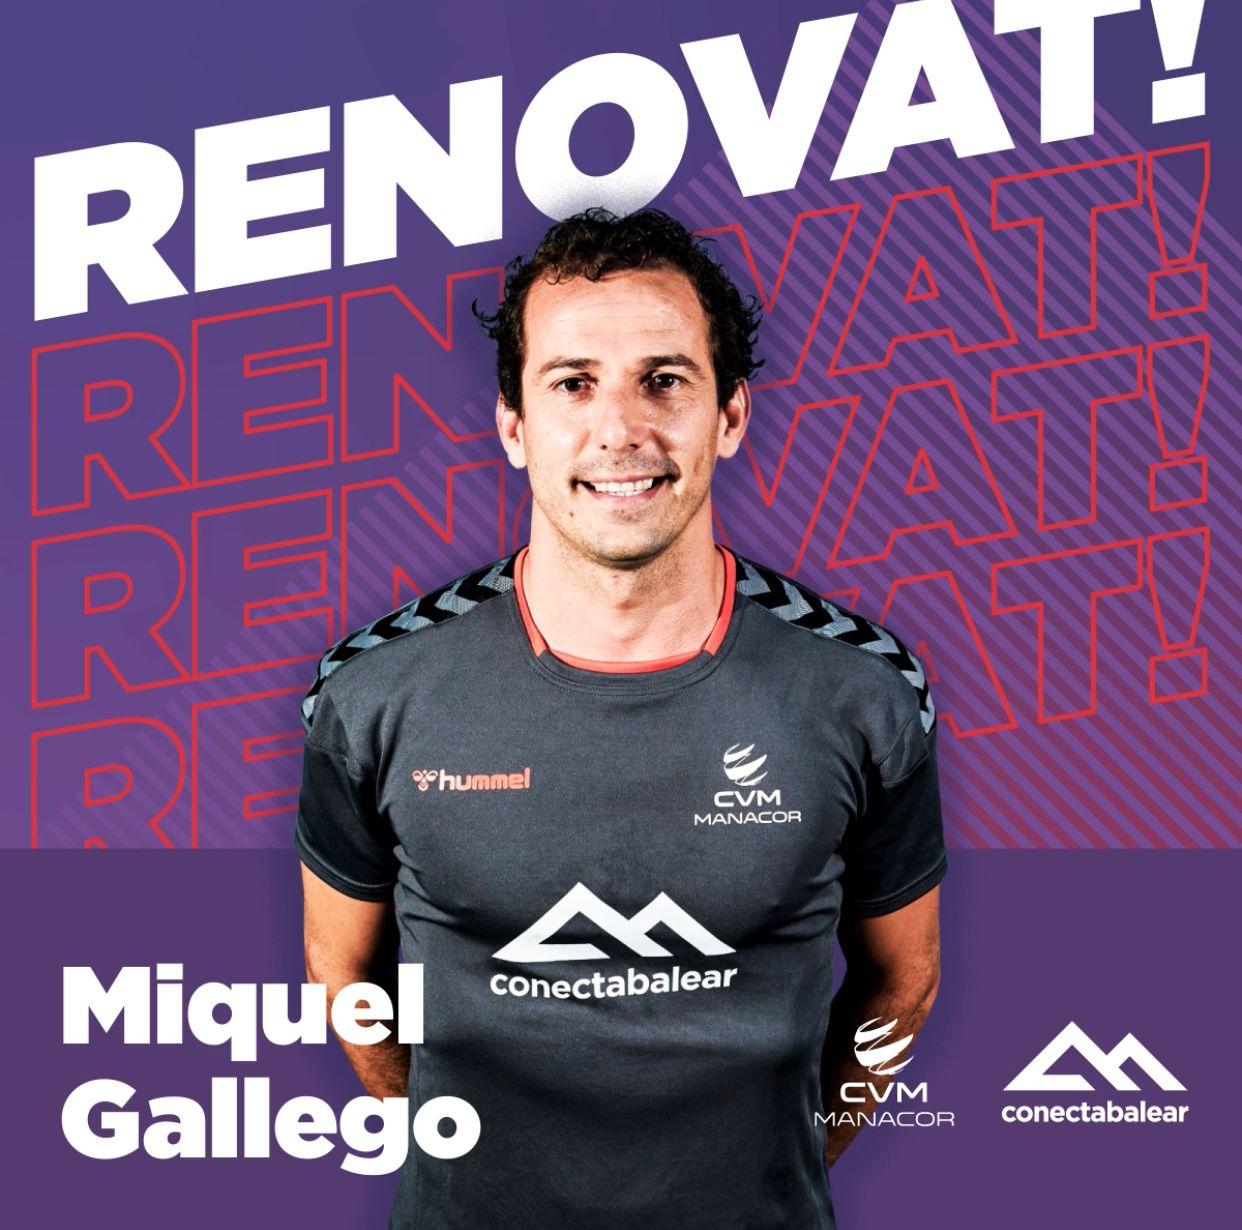 El capitán Miquel Gallego renueva con el ConectaBalear Manacor una temporada más